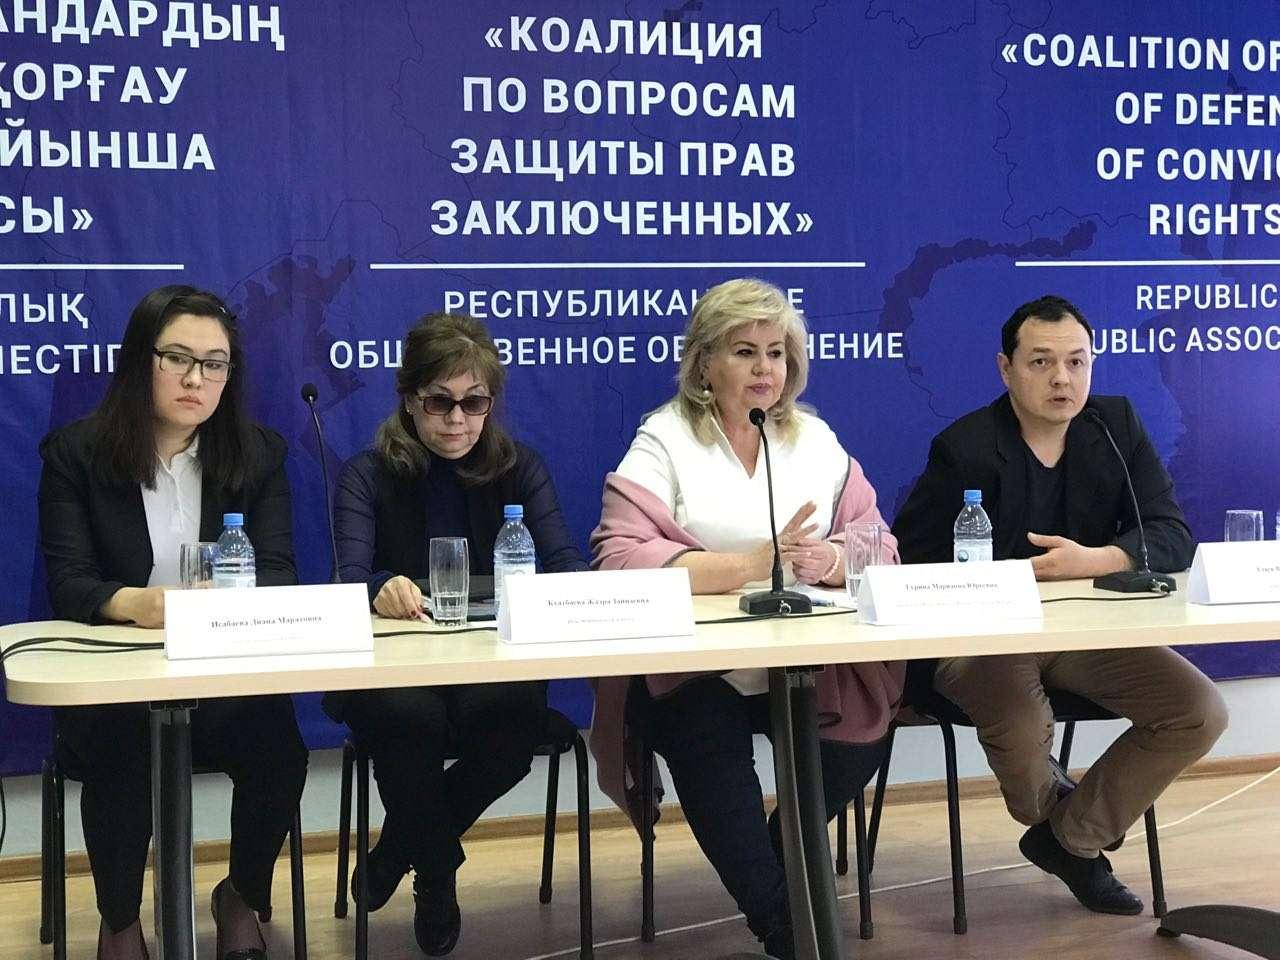 Родственницы осужденного - слева; правозащитники - справа